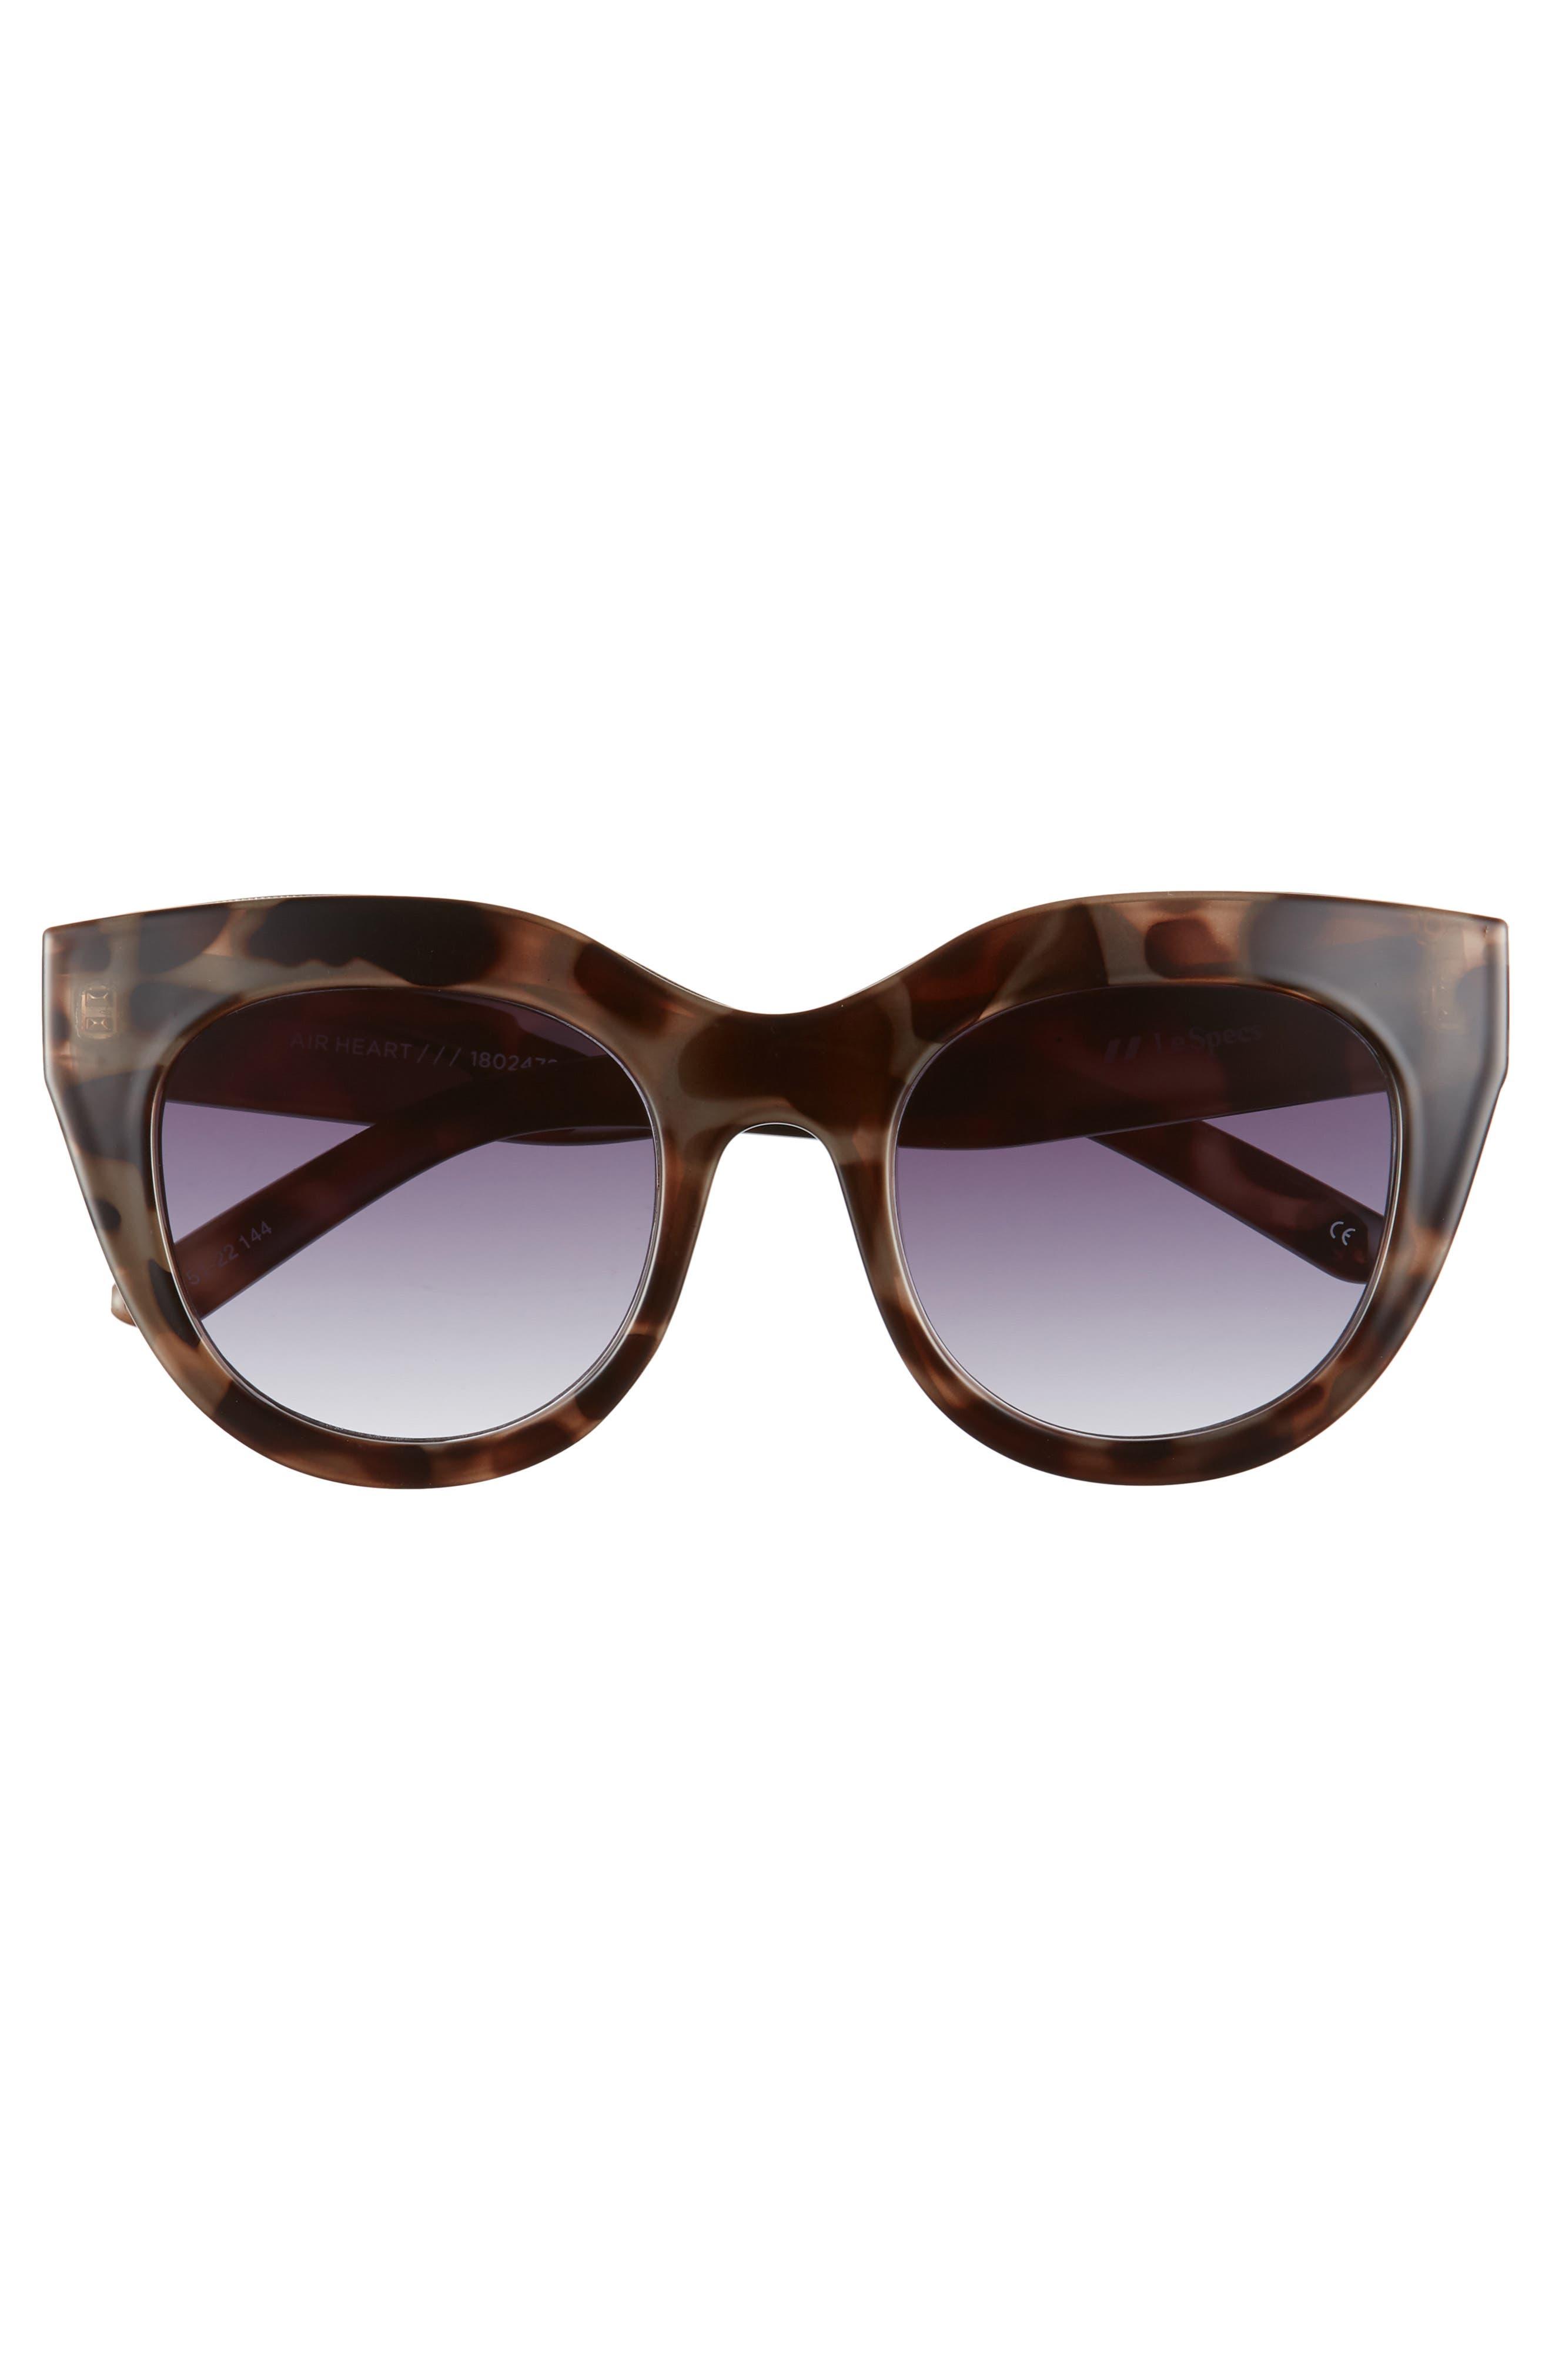 Air Heart 51mm Cat Eye Sunglasses,                             Alternate thumbnail 3, color,                             VOLCANIC TORTOISE